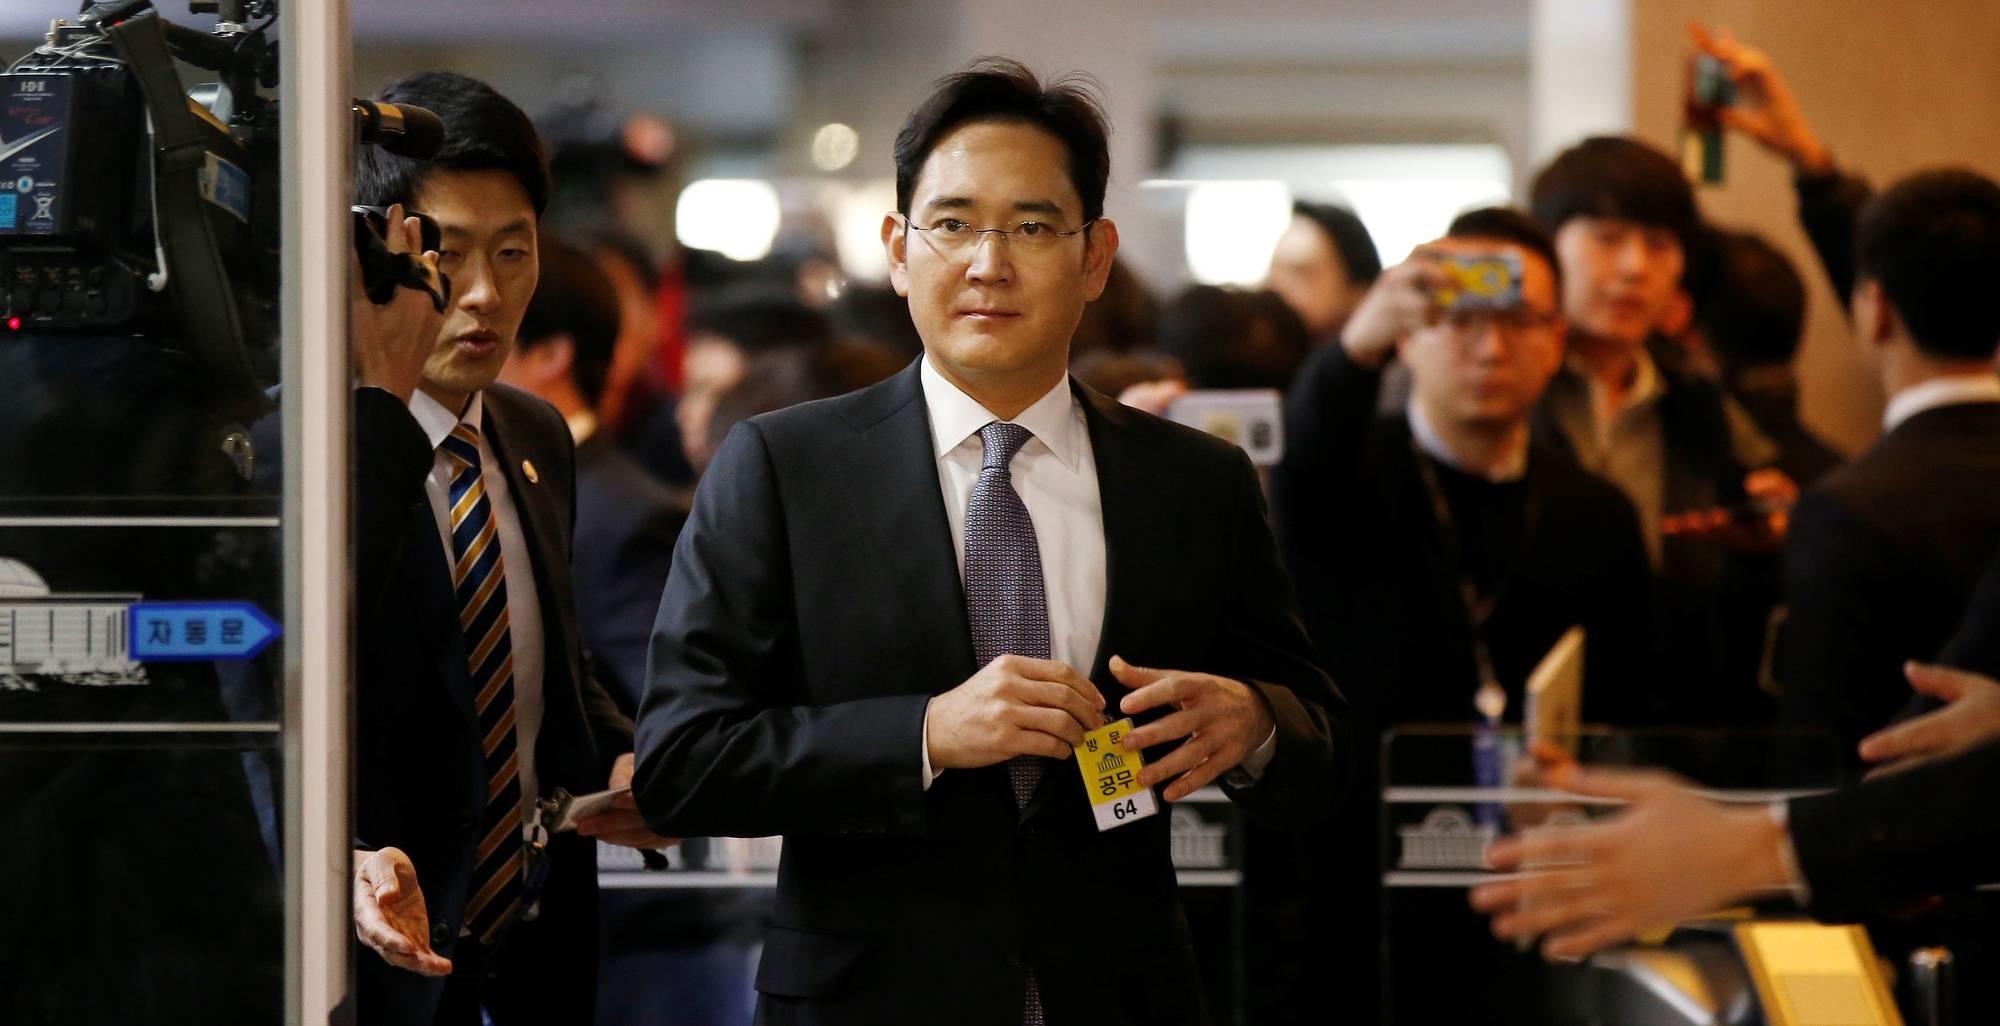 تکذیب نقش سامسونگ در رسوایی سیاسی رئیسجمهور کره جنوبی